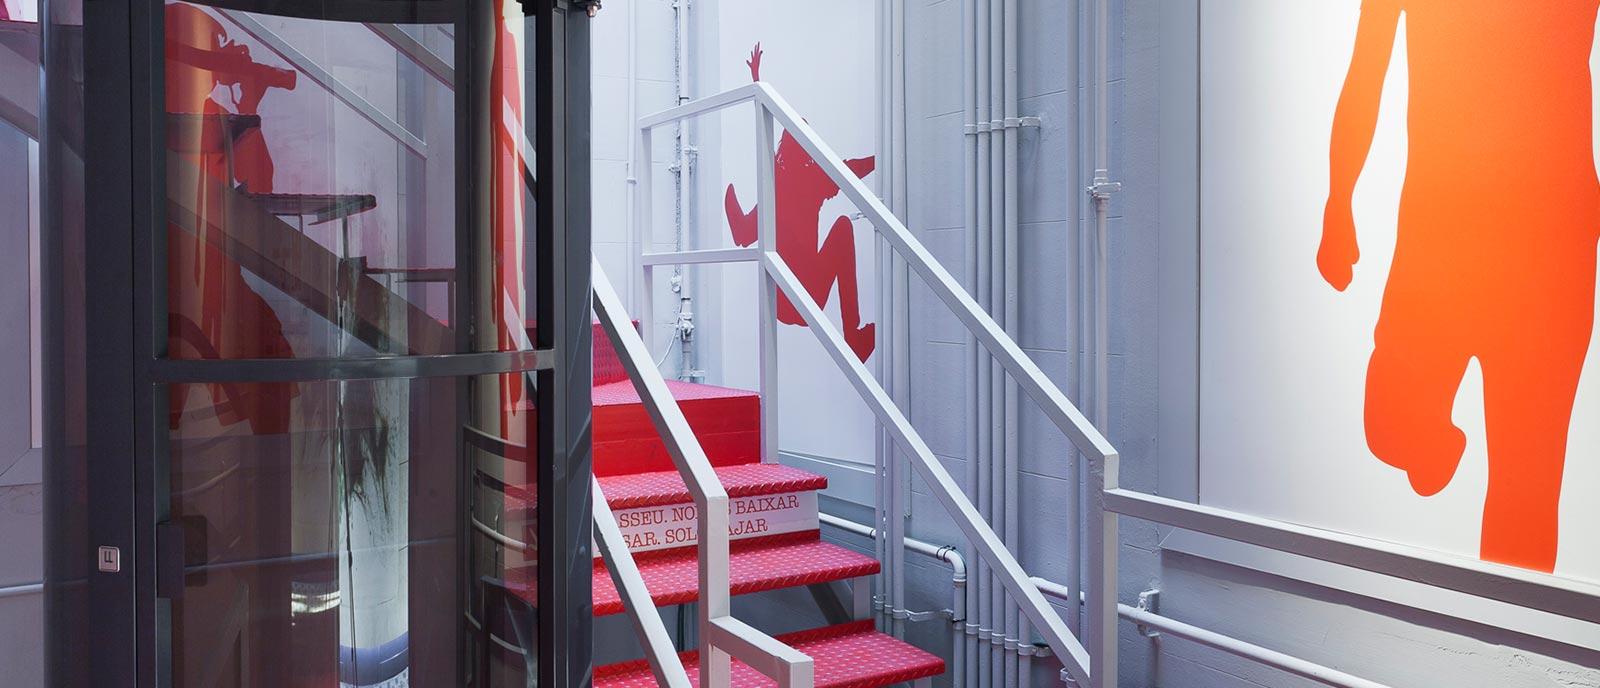 Señalética escaleras y ascensor DOMOESPAIS – «Up&Down Hall»